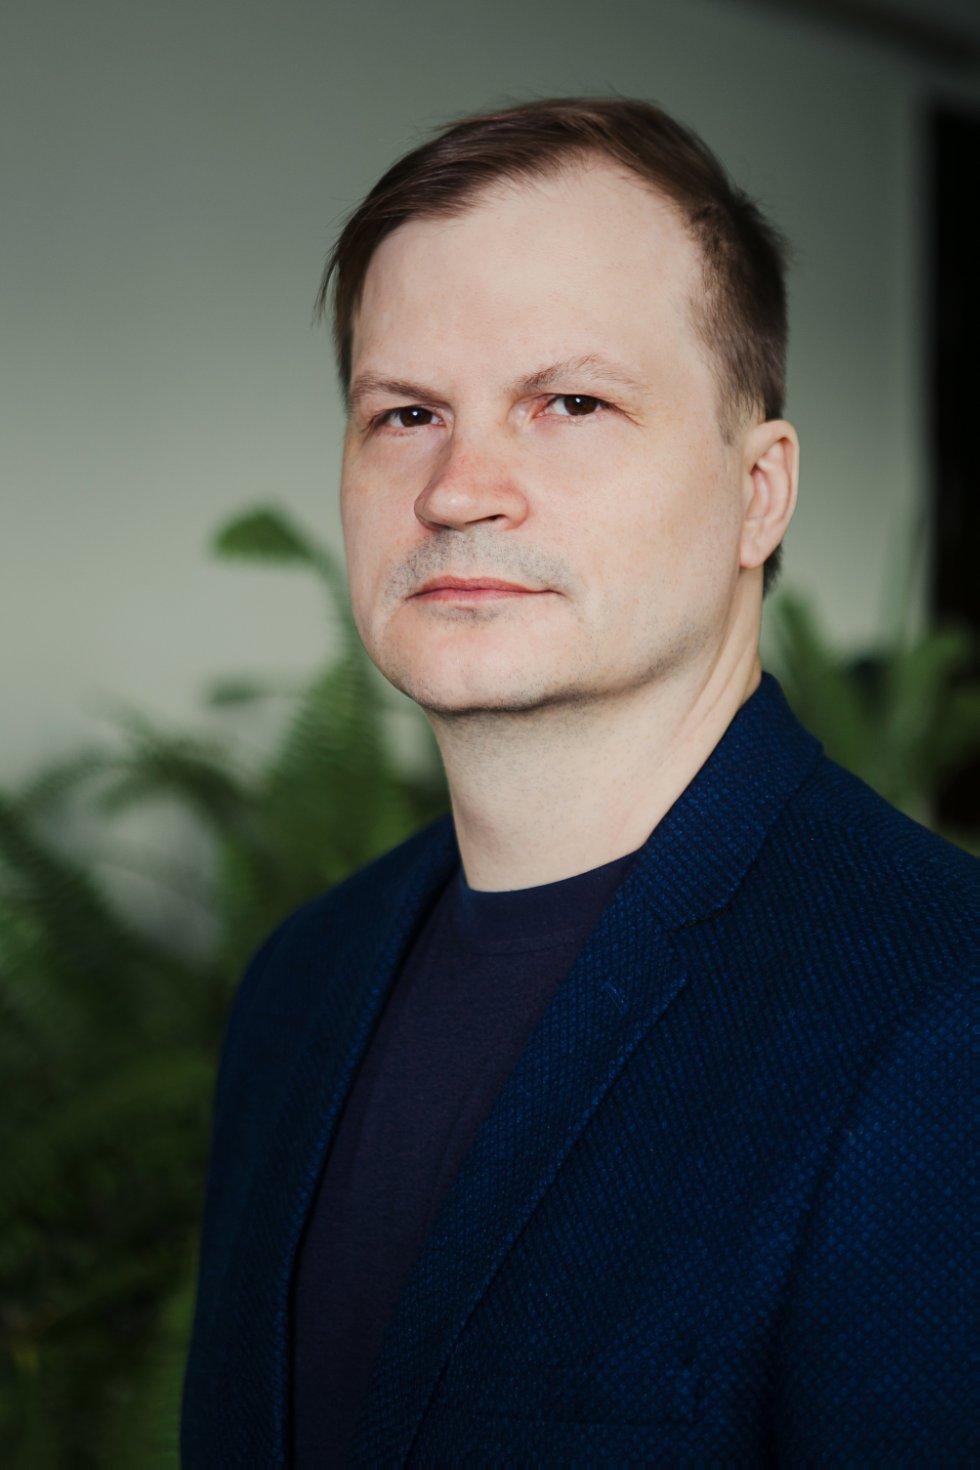 Савинков Андрей Владимирович